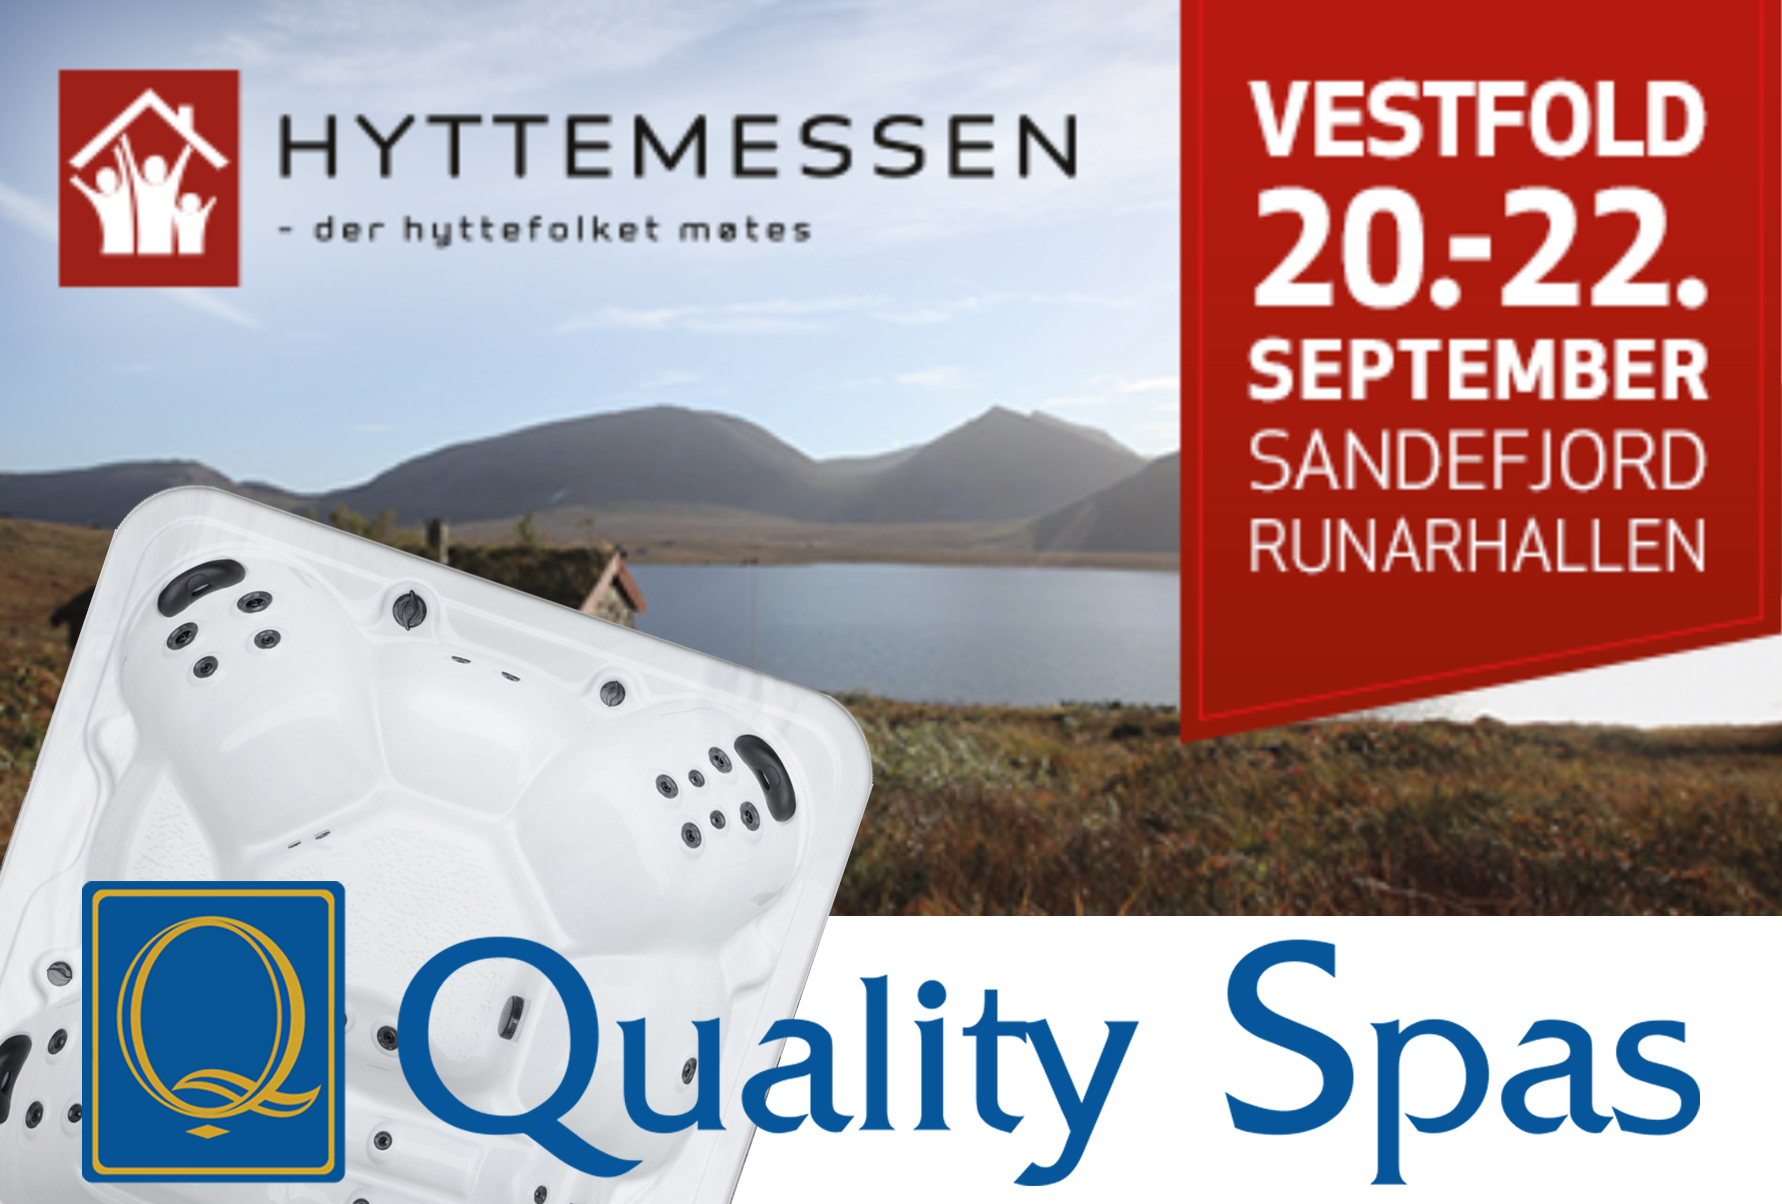 Massasjebad fra Quality Spas på Hyttemessen Sandefjord 20-22 april 2019